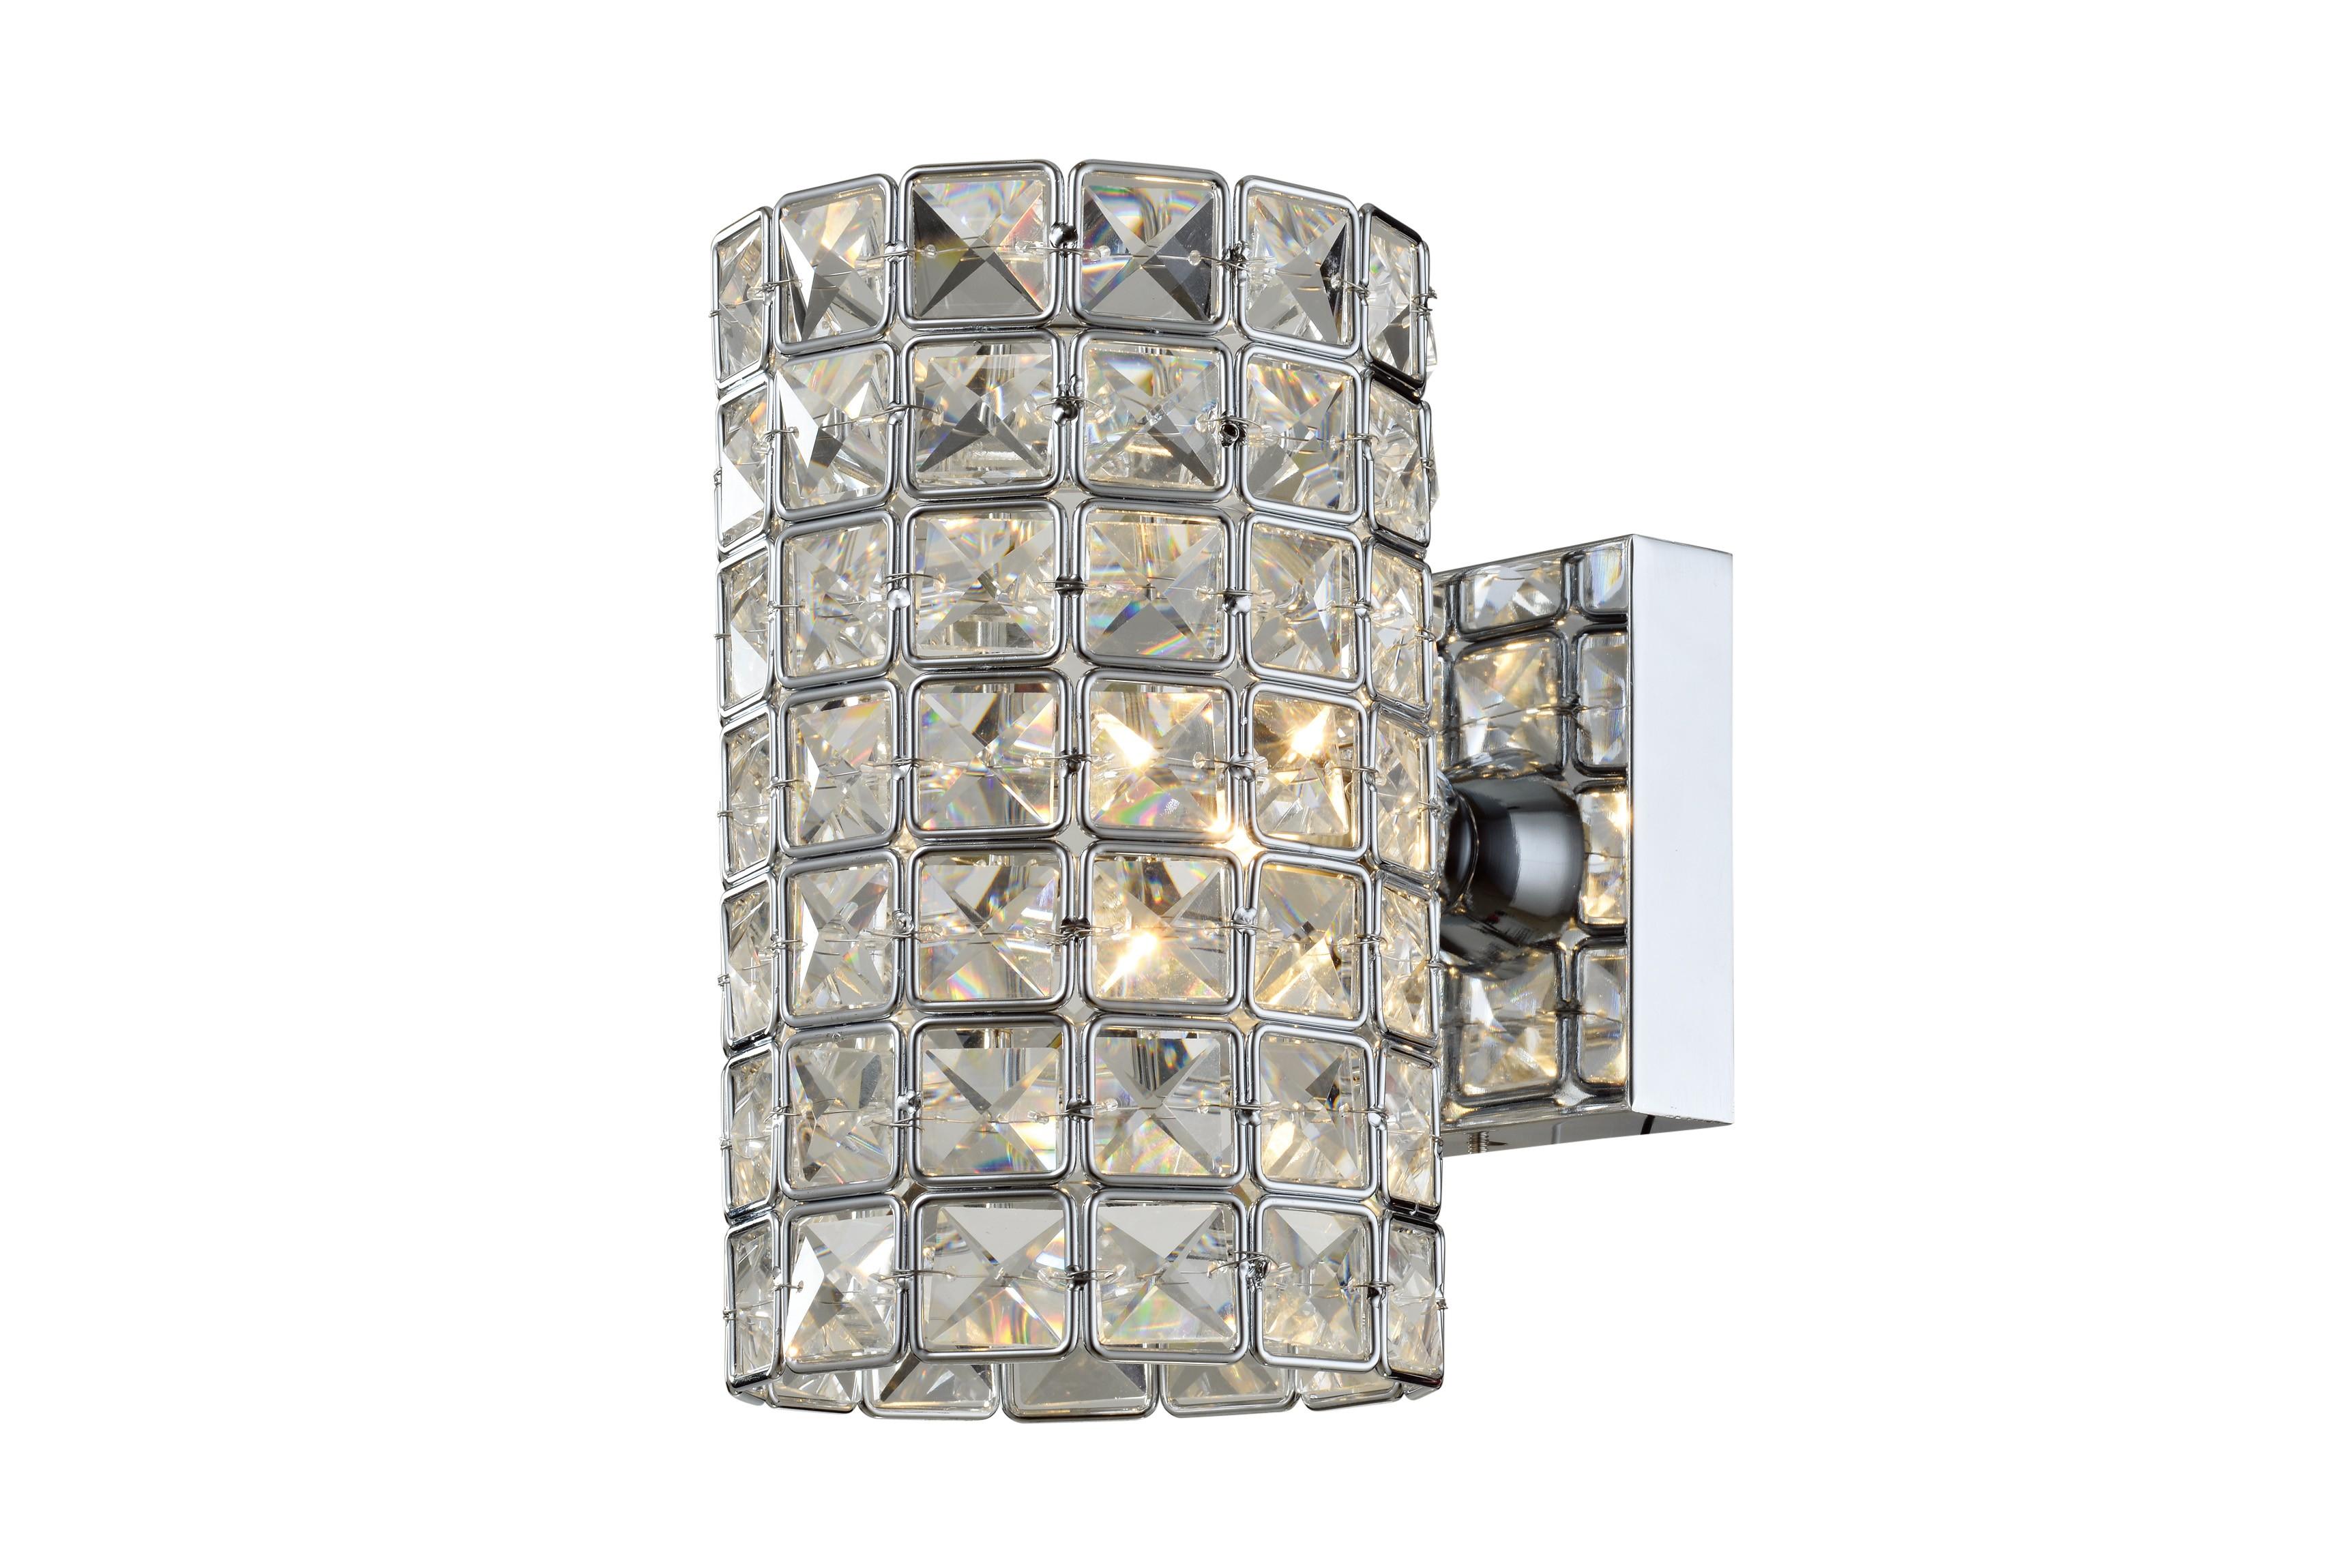 Arandela de Cristal LX ll Transparente 1 Lâmpada